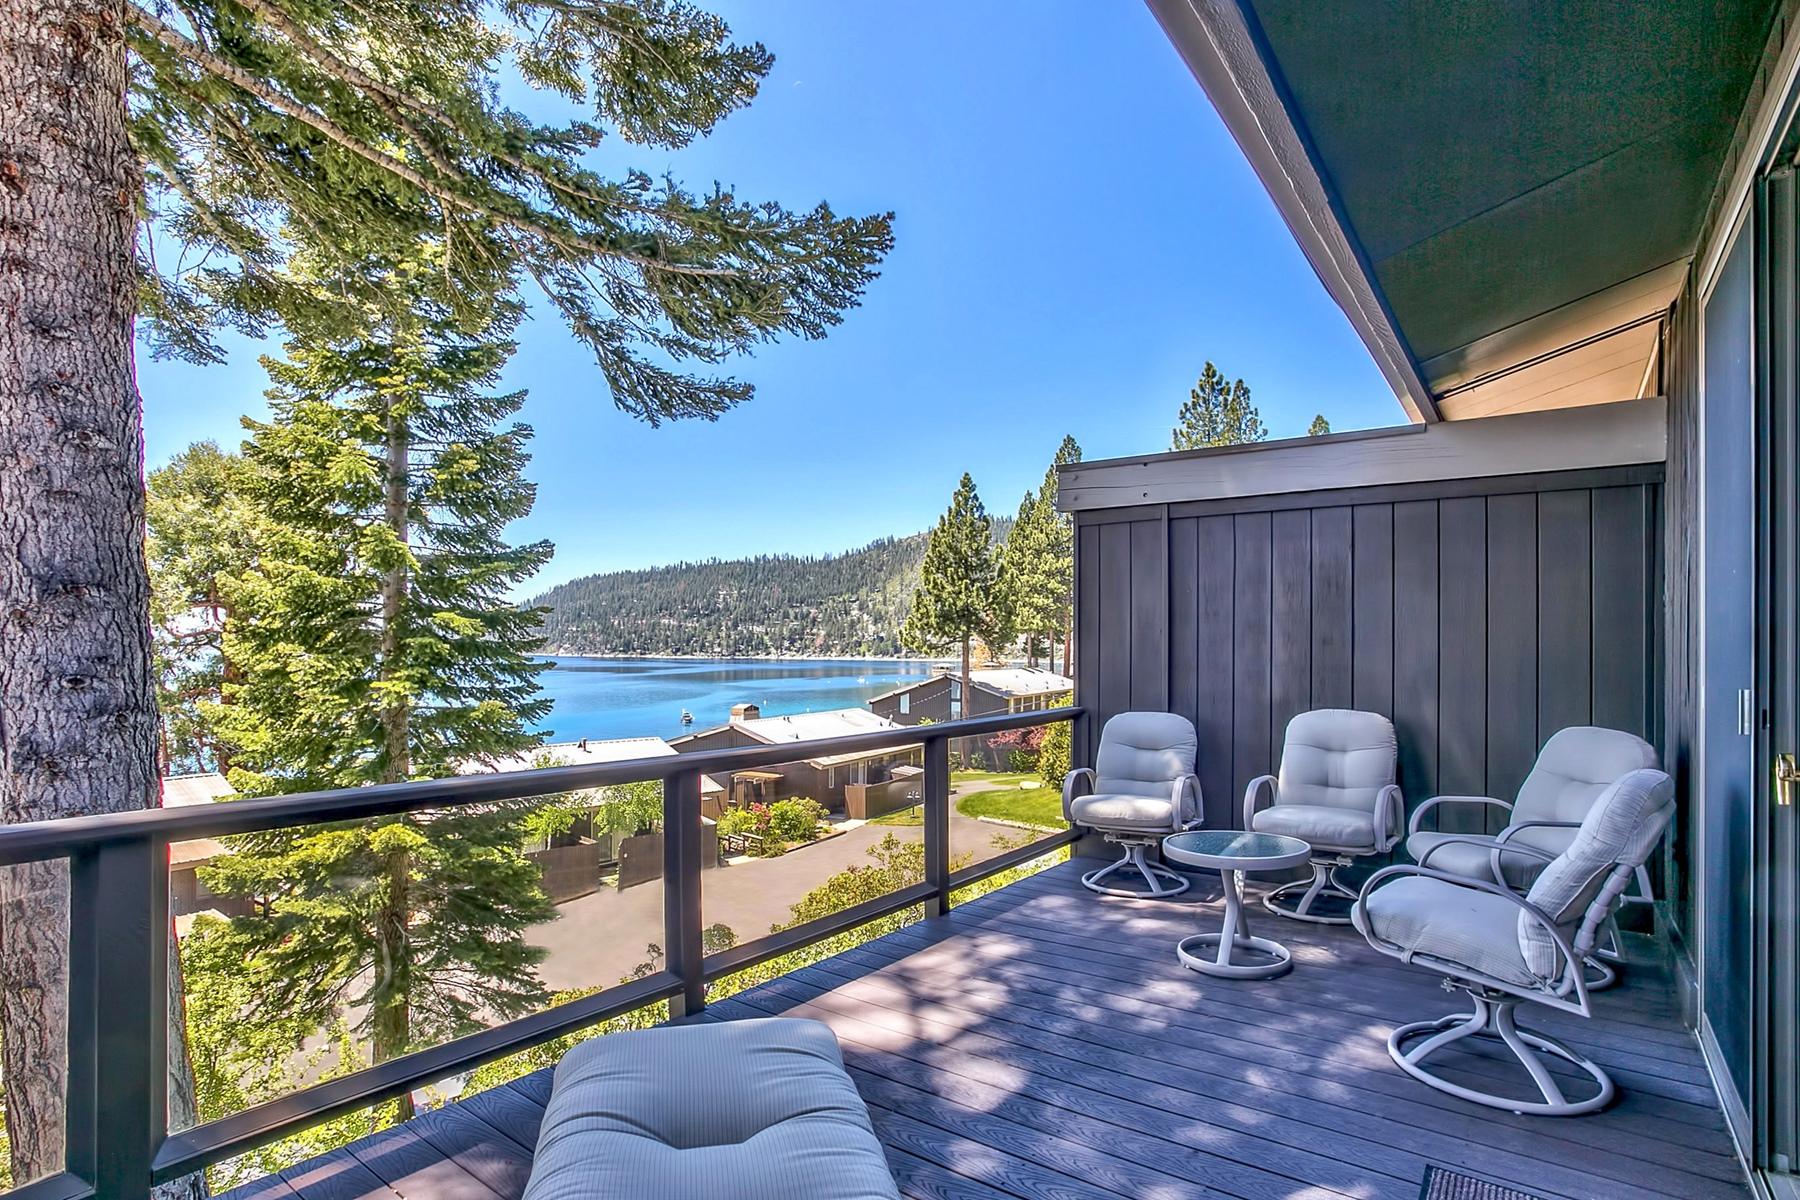 Condominio por un Venta en 549 Lakeshore Boulevard, Unit 8 549 Lakeshore Boulevard Unit 8 Incline Village, Nevada, 89451 Lake Tahoe, Estados Unidos